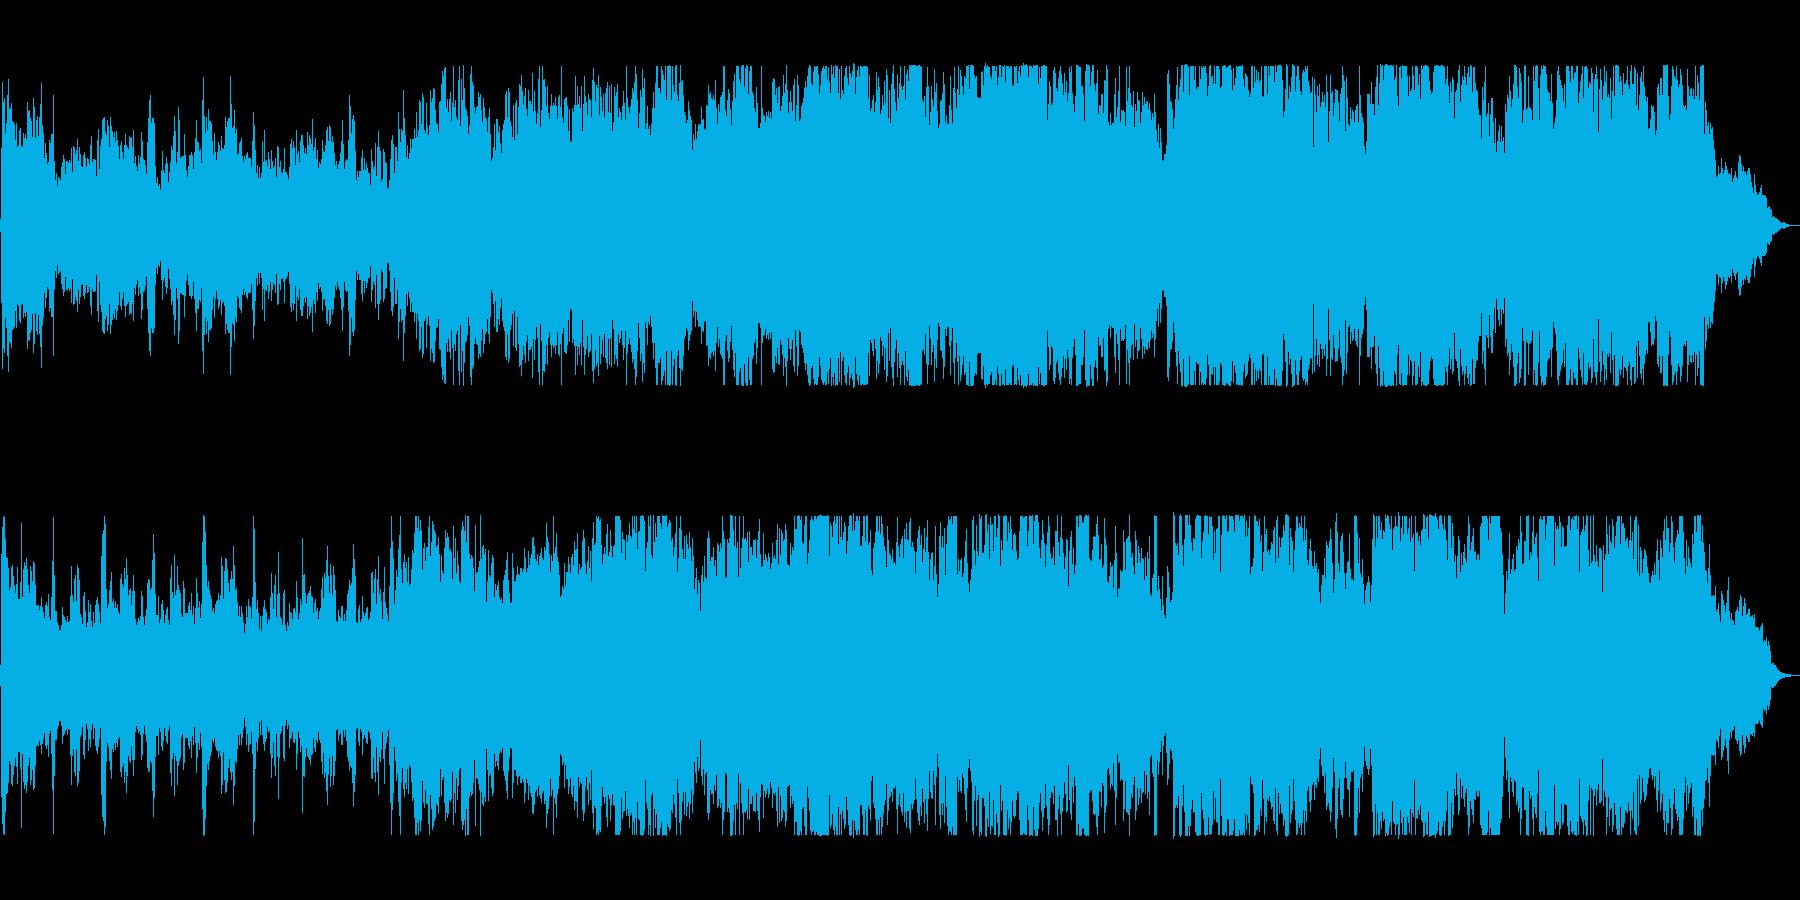 優雅で感動的なクラシックの再生済みの波形